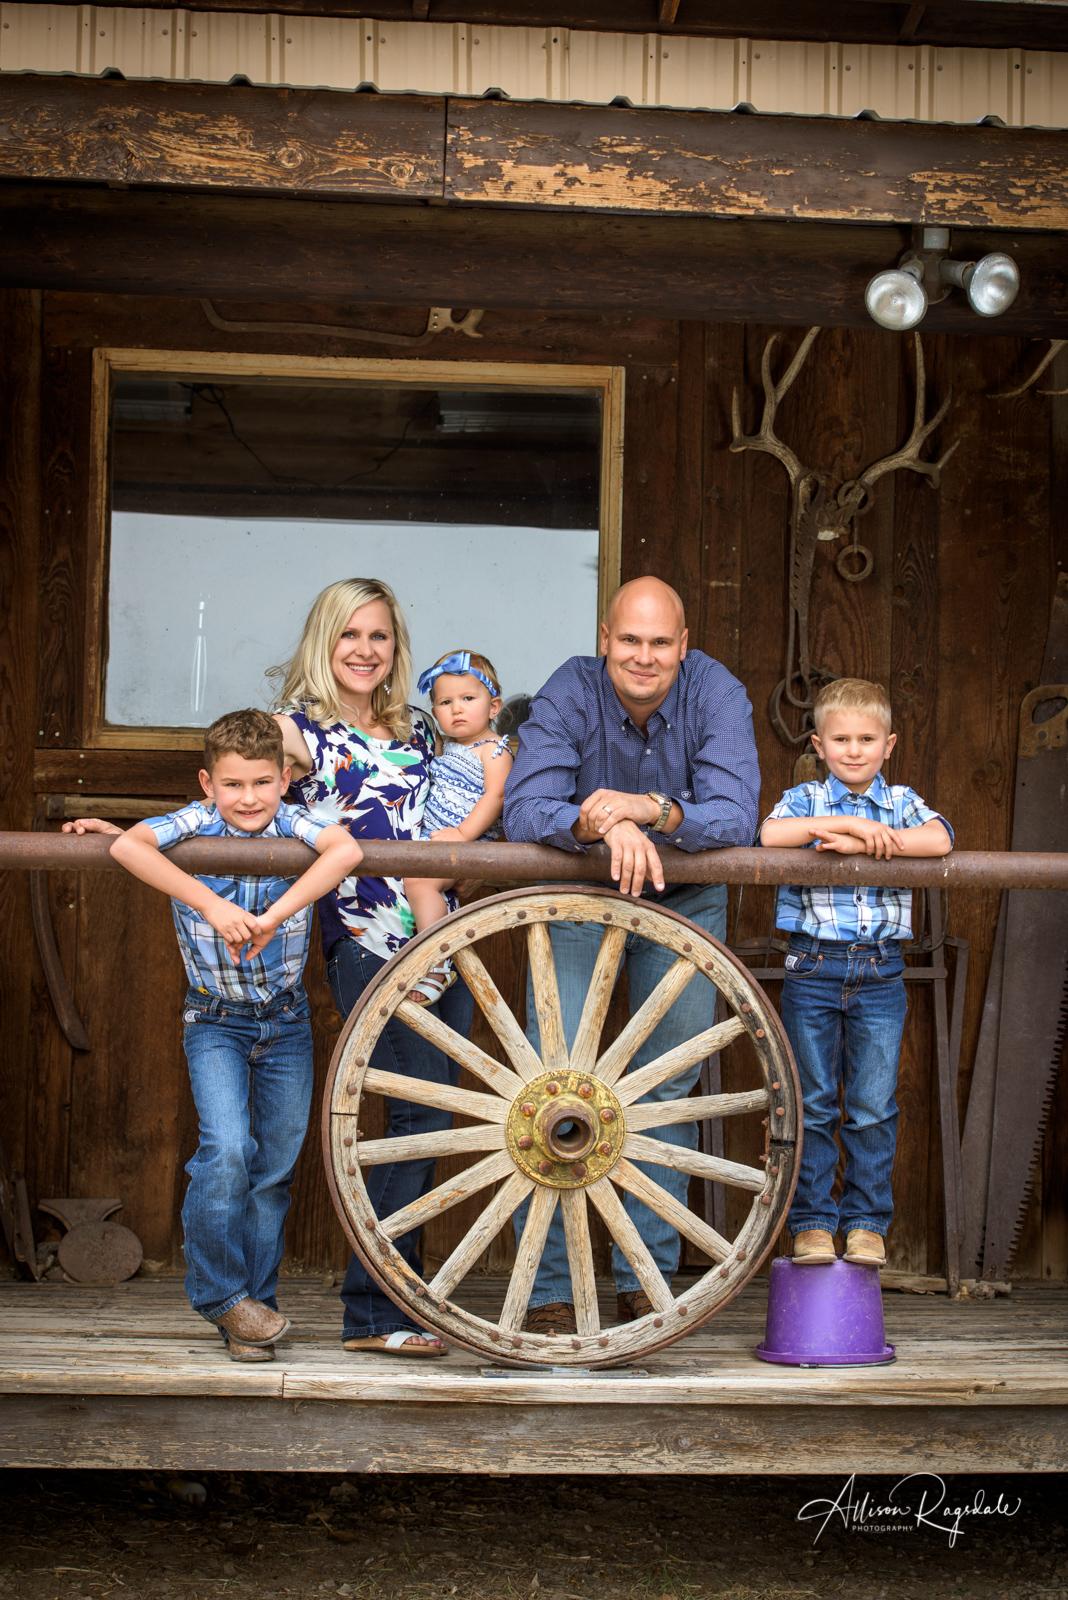 hocker family portraits in Durango Colorado